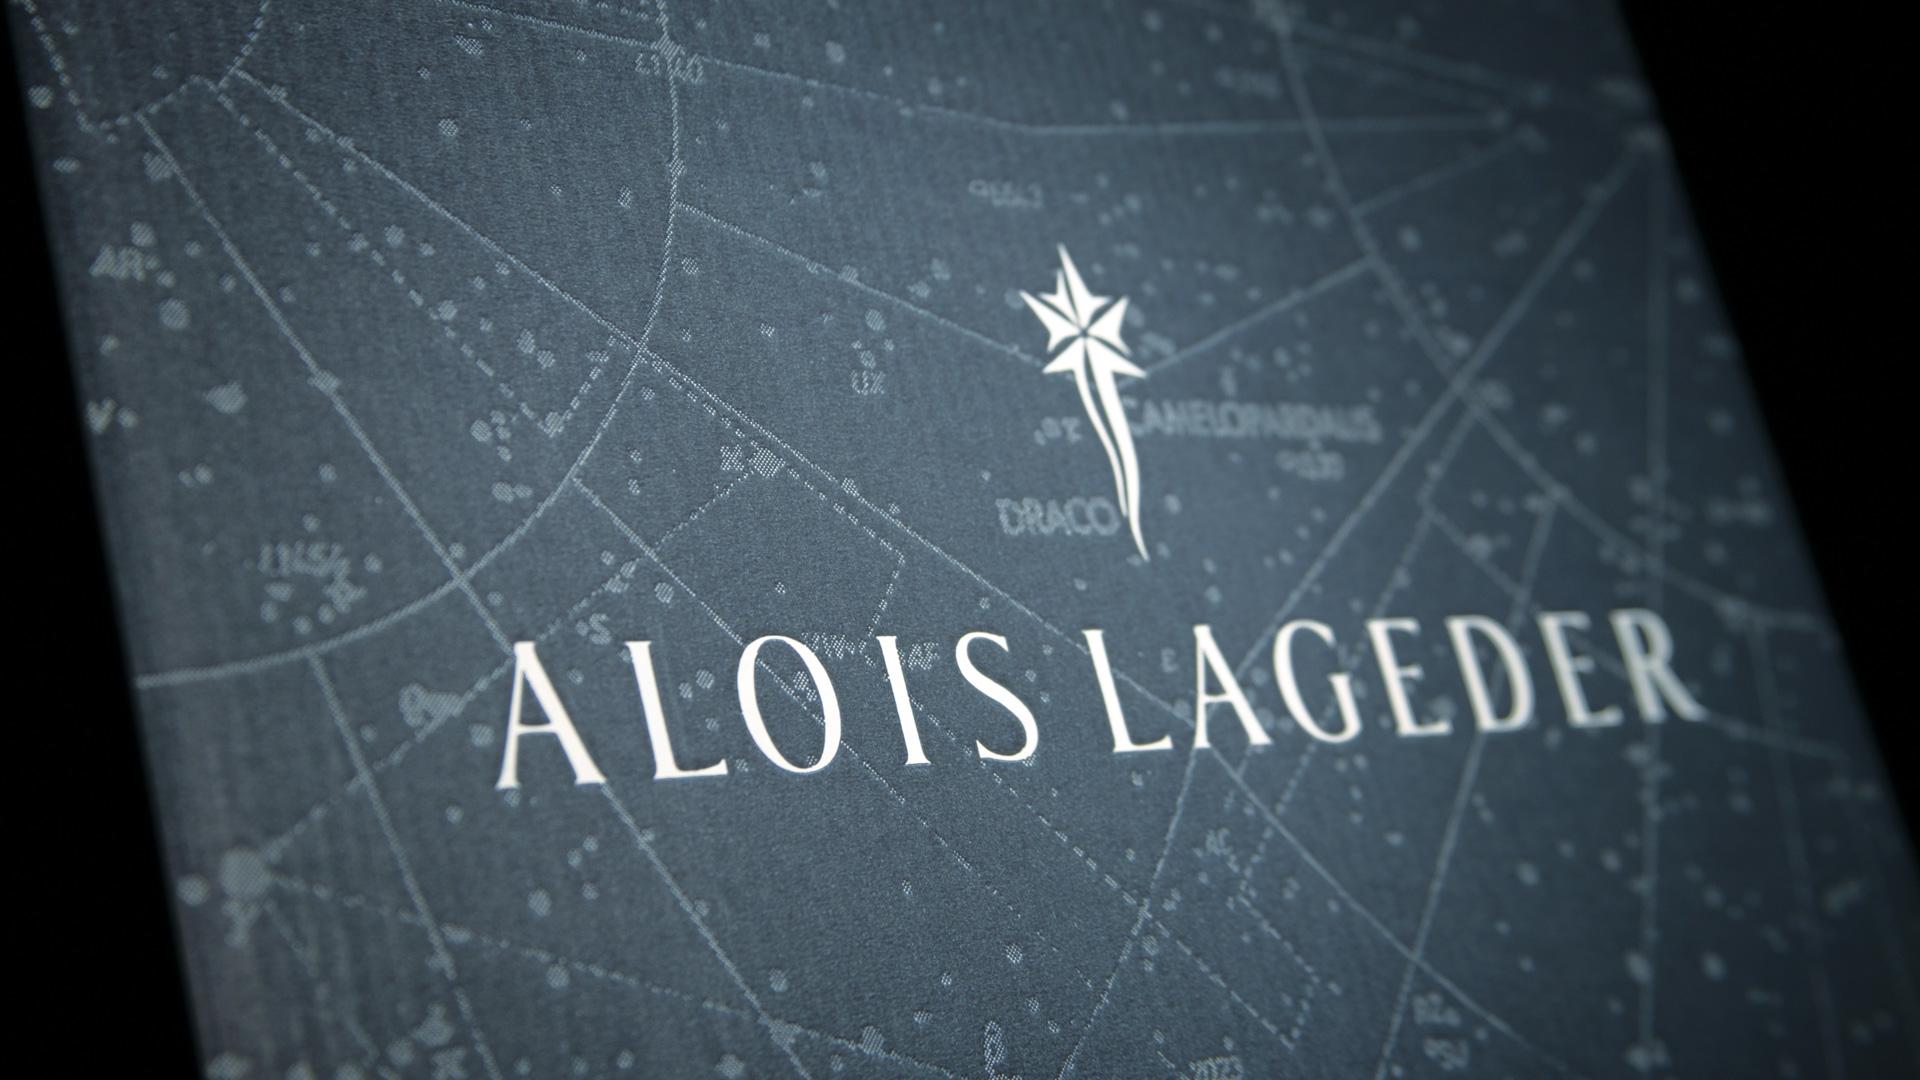 Alois Lageder applicazione brand